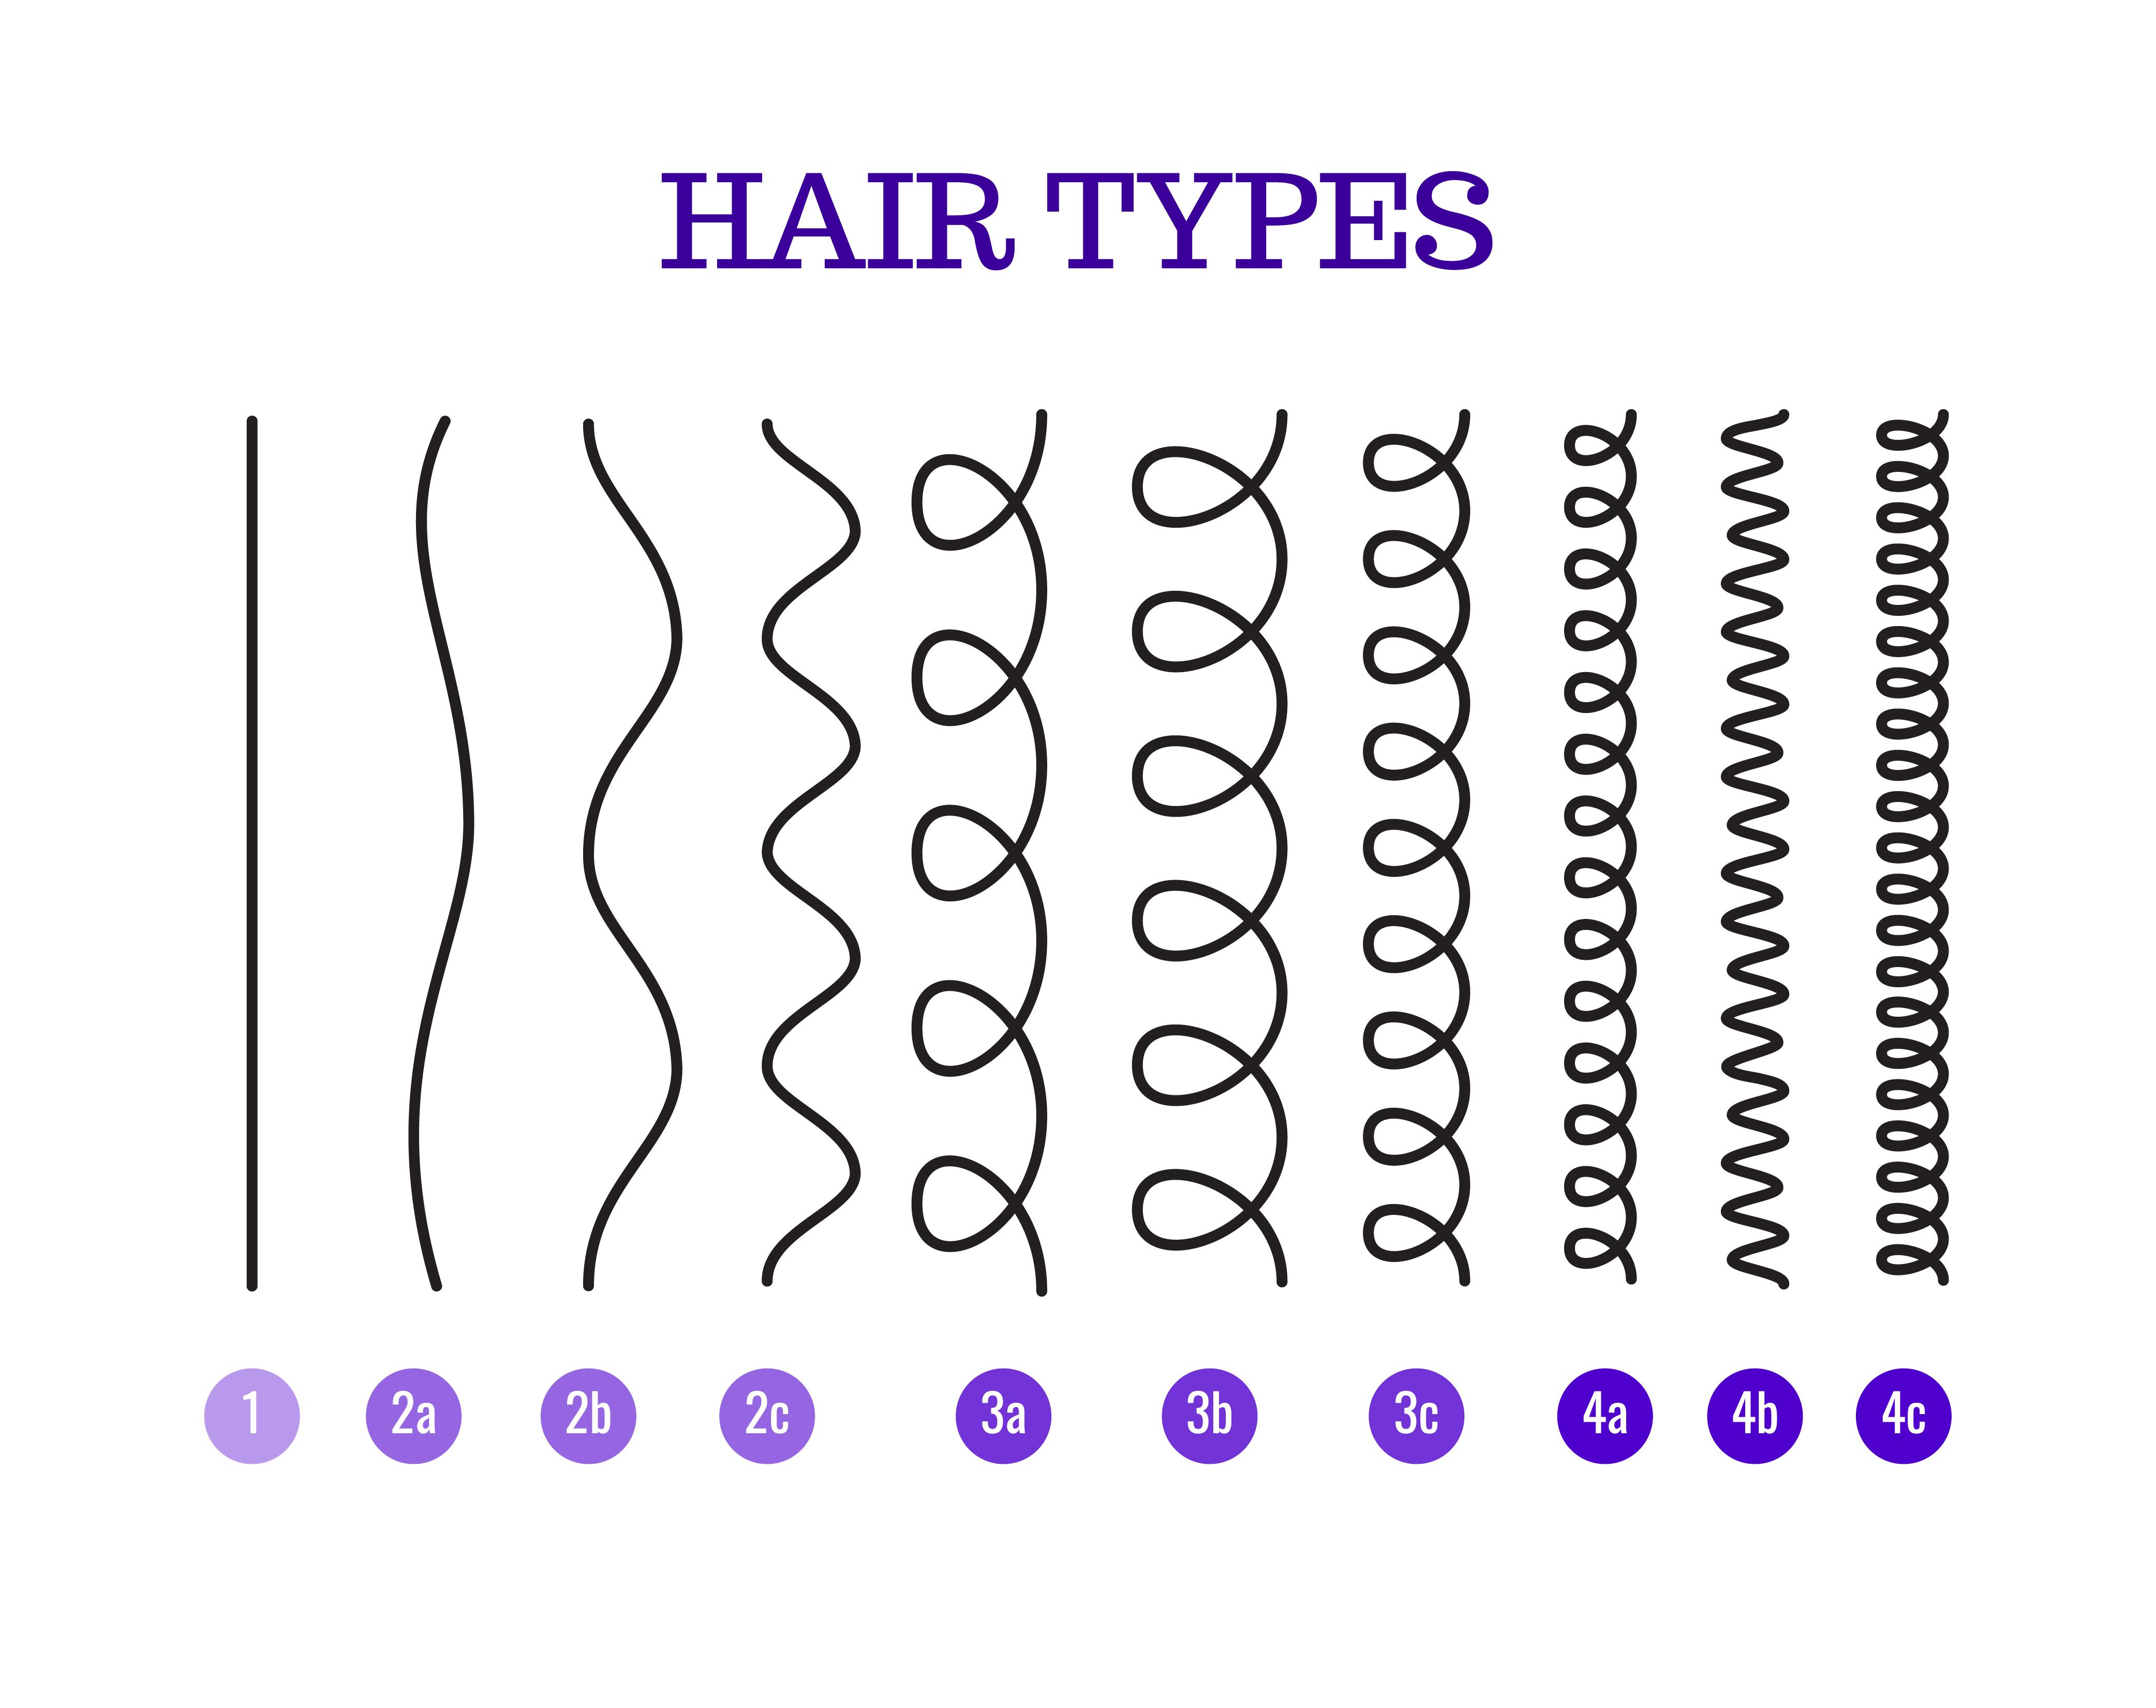 cuidados com o cabelo 1 - Cuidados com os cachos e crespos para iniciantes